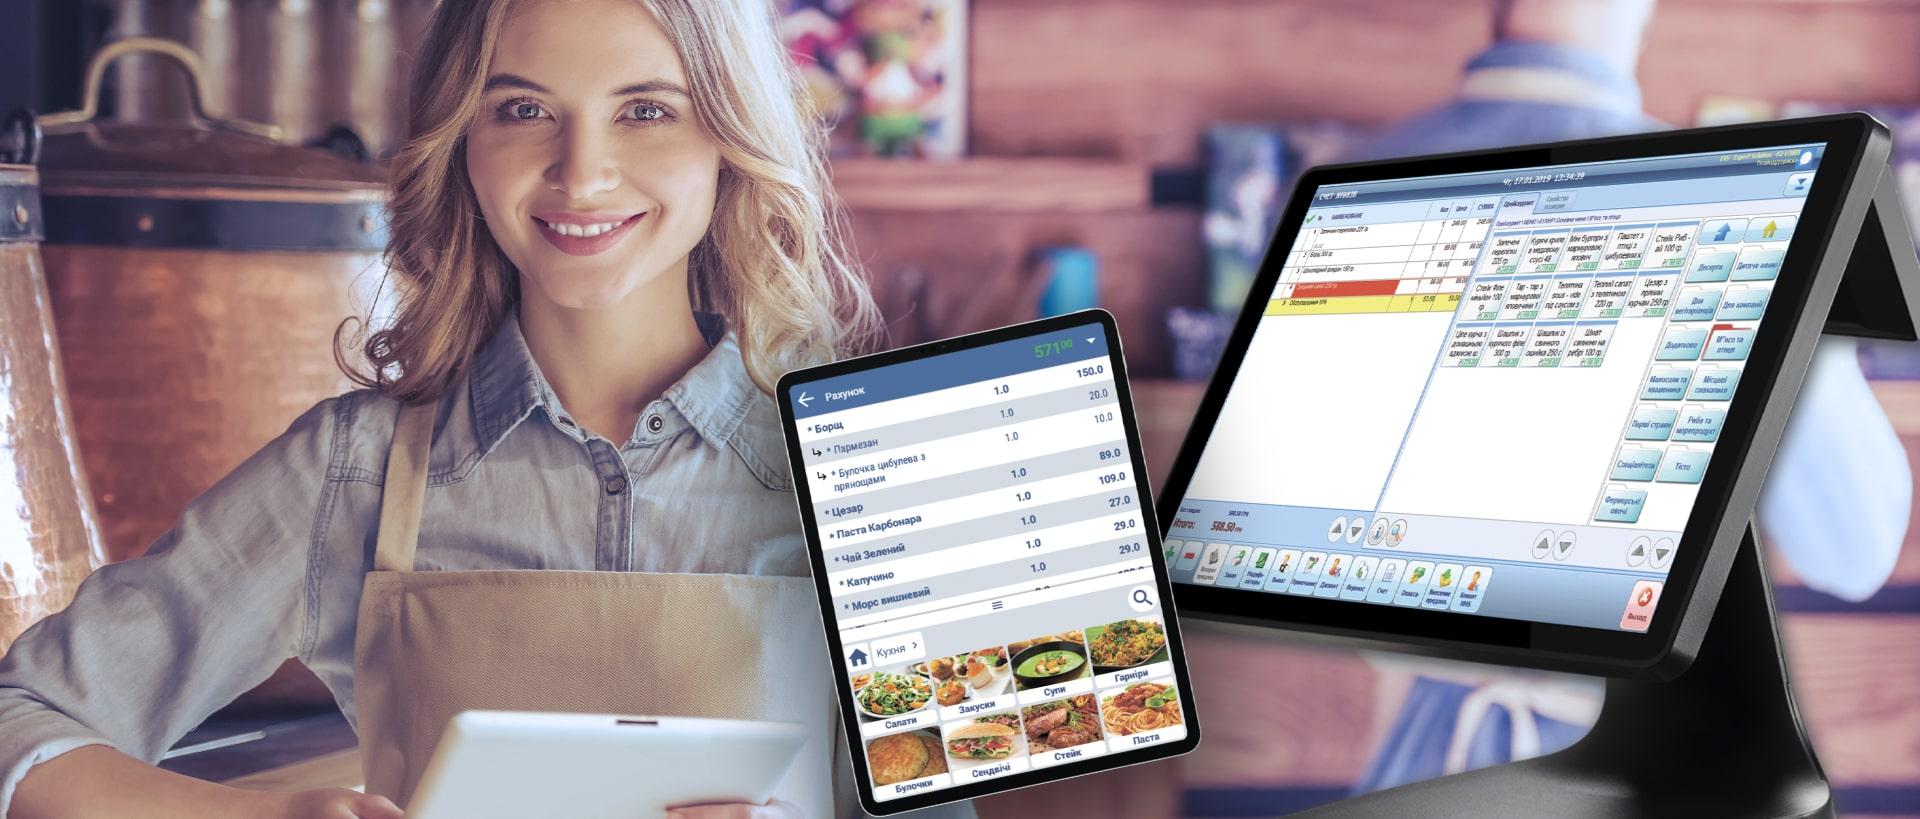 Автоматизация кафе, баров, ресторанов